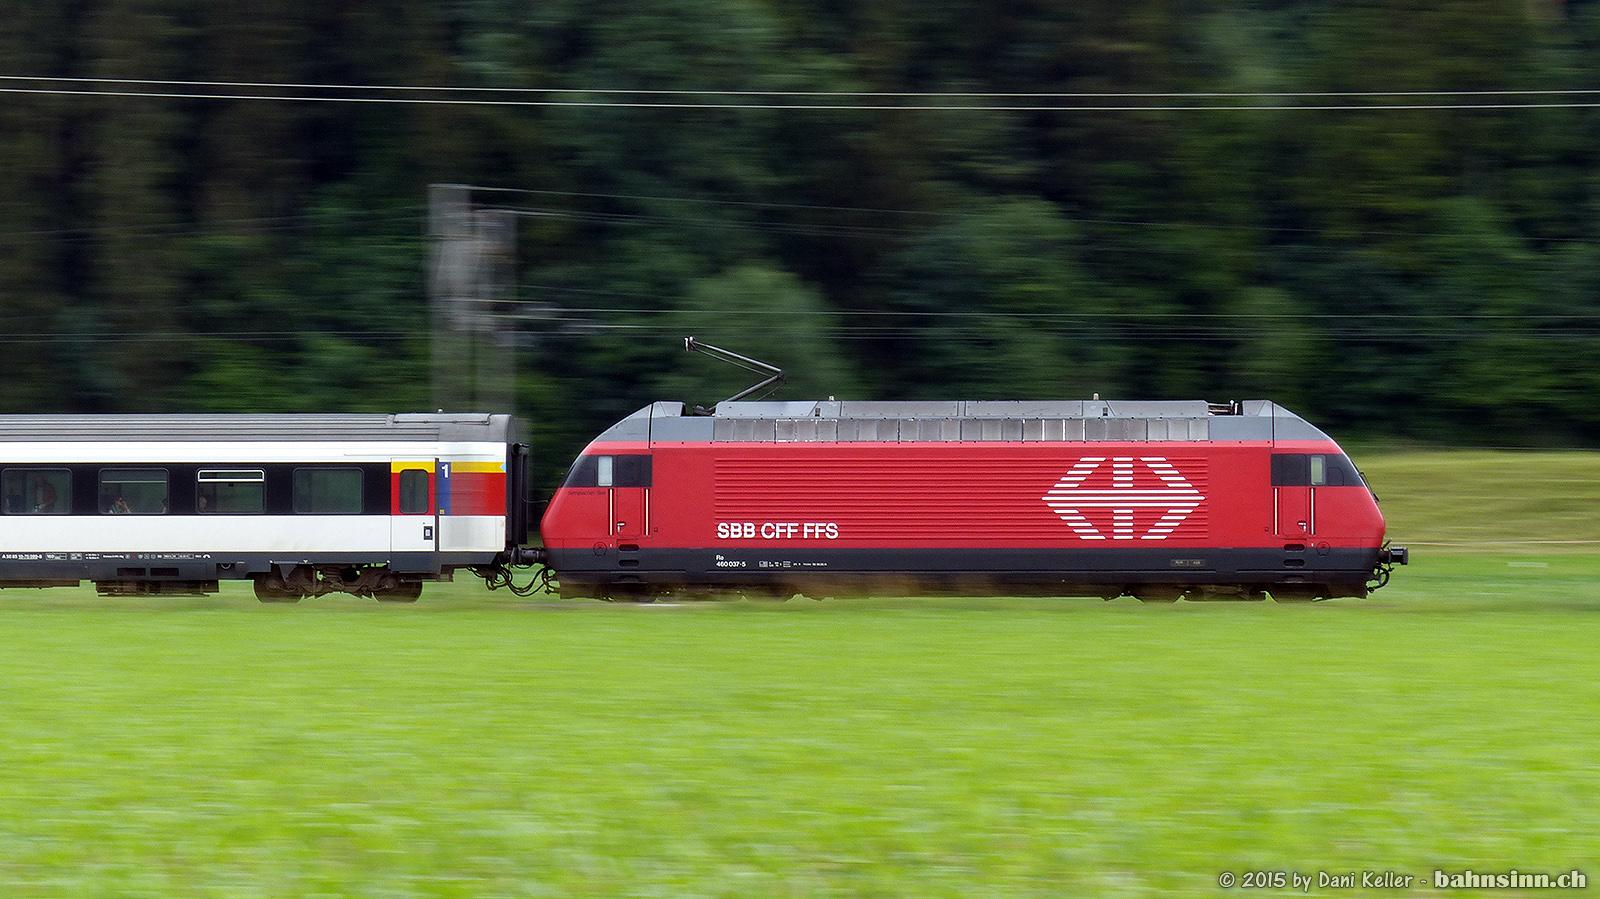 Symbolbild: Ein IR aus Konstanz unterwegs Richtung Zürich. Aufgenommen bei Hüttlingen-Mettendorf (TG)